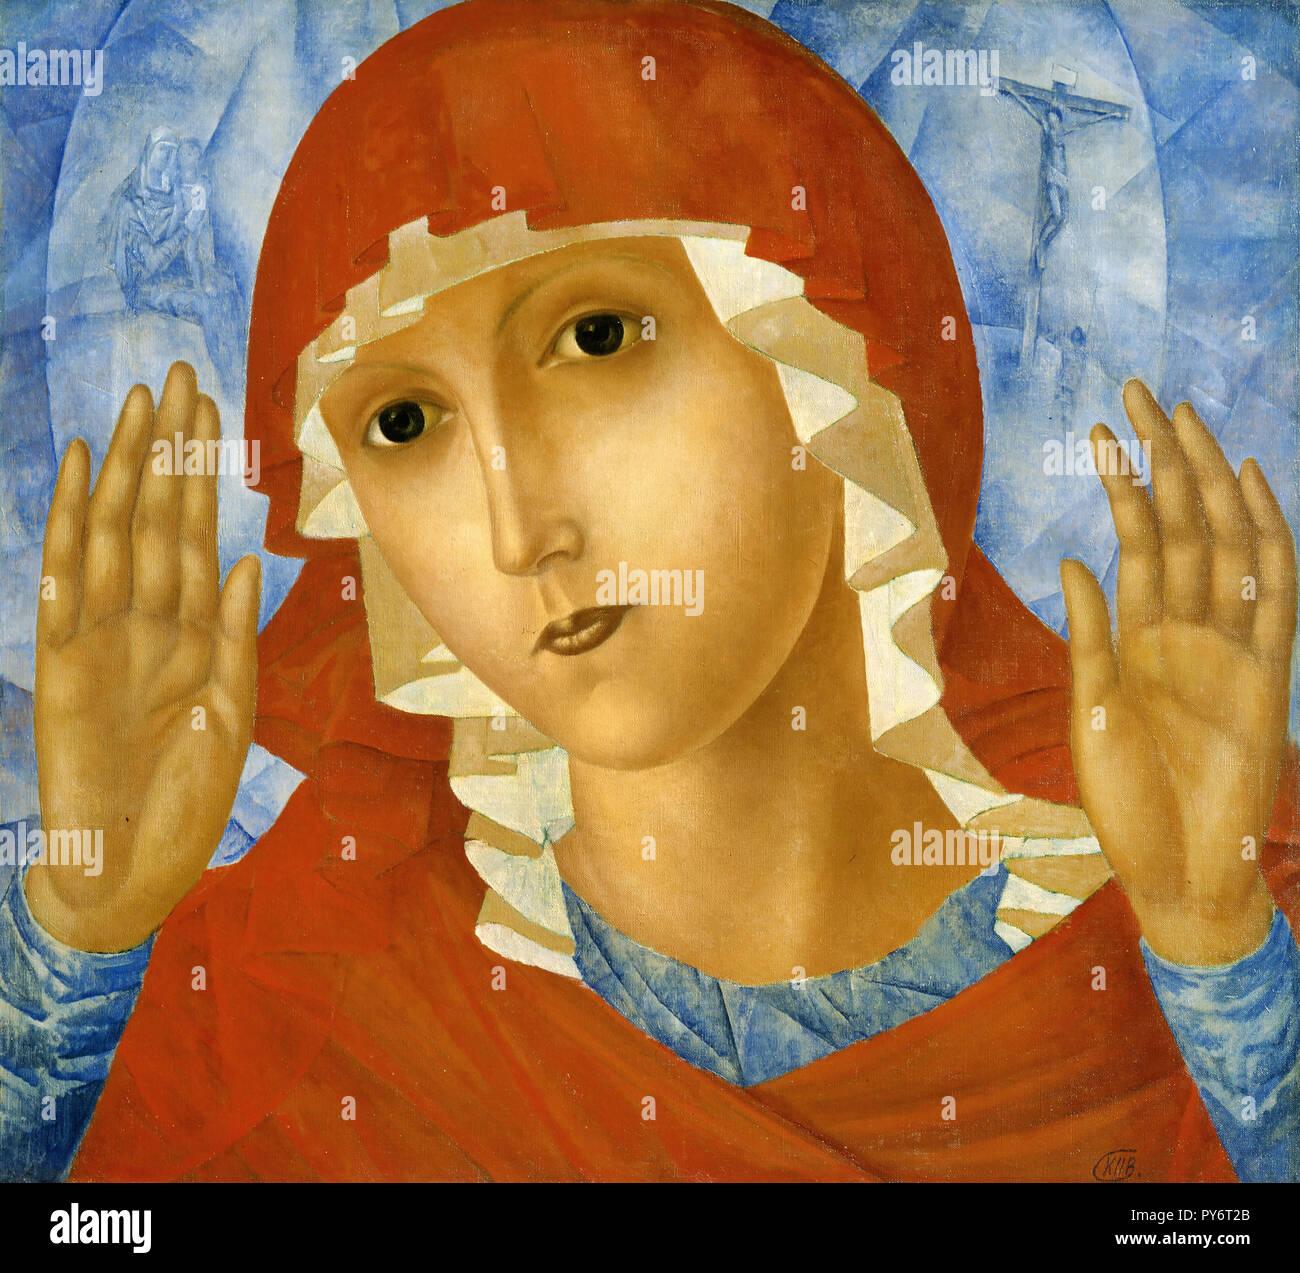 Kuzma Petrov-Vodkin, der Mutter Gottes der Zärtlichkeit gegenüber dem Bösen Herzen 1914 Öl auf Leinwand, russisches Museum, St. Petersburg, Russland. Stockbild